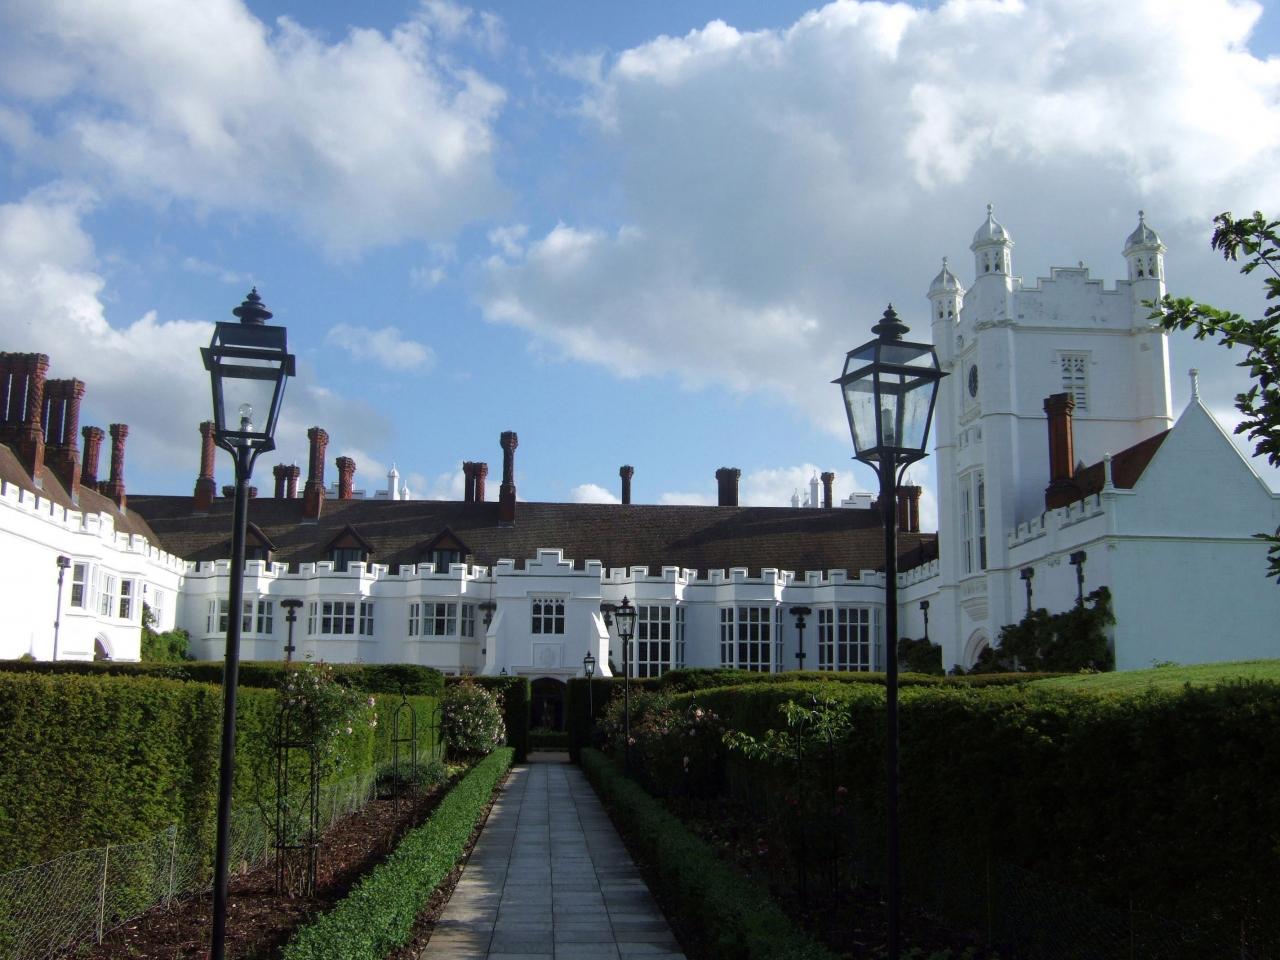 ヨーロッパの古城ホテル(2) イギリス・マーローそばのマナーハウス・ホテル「デンスフィールド・ハウス」